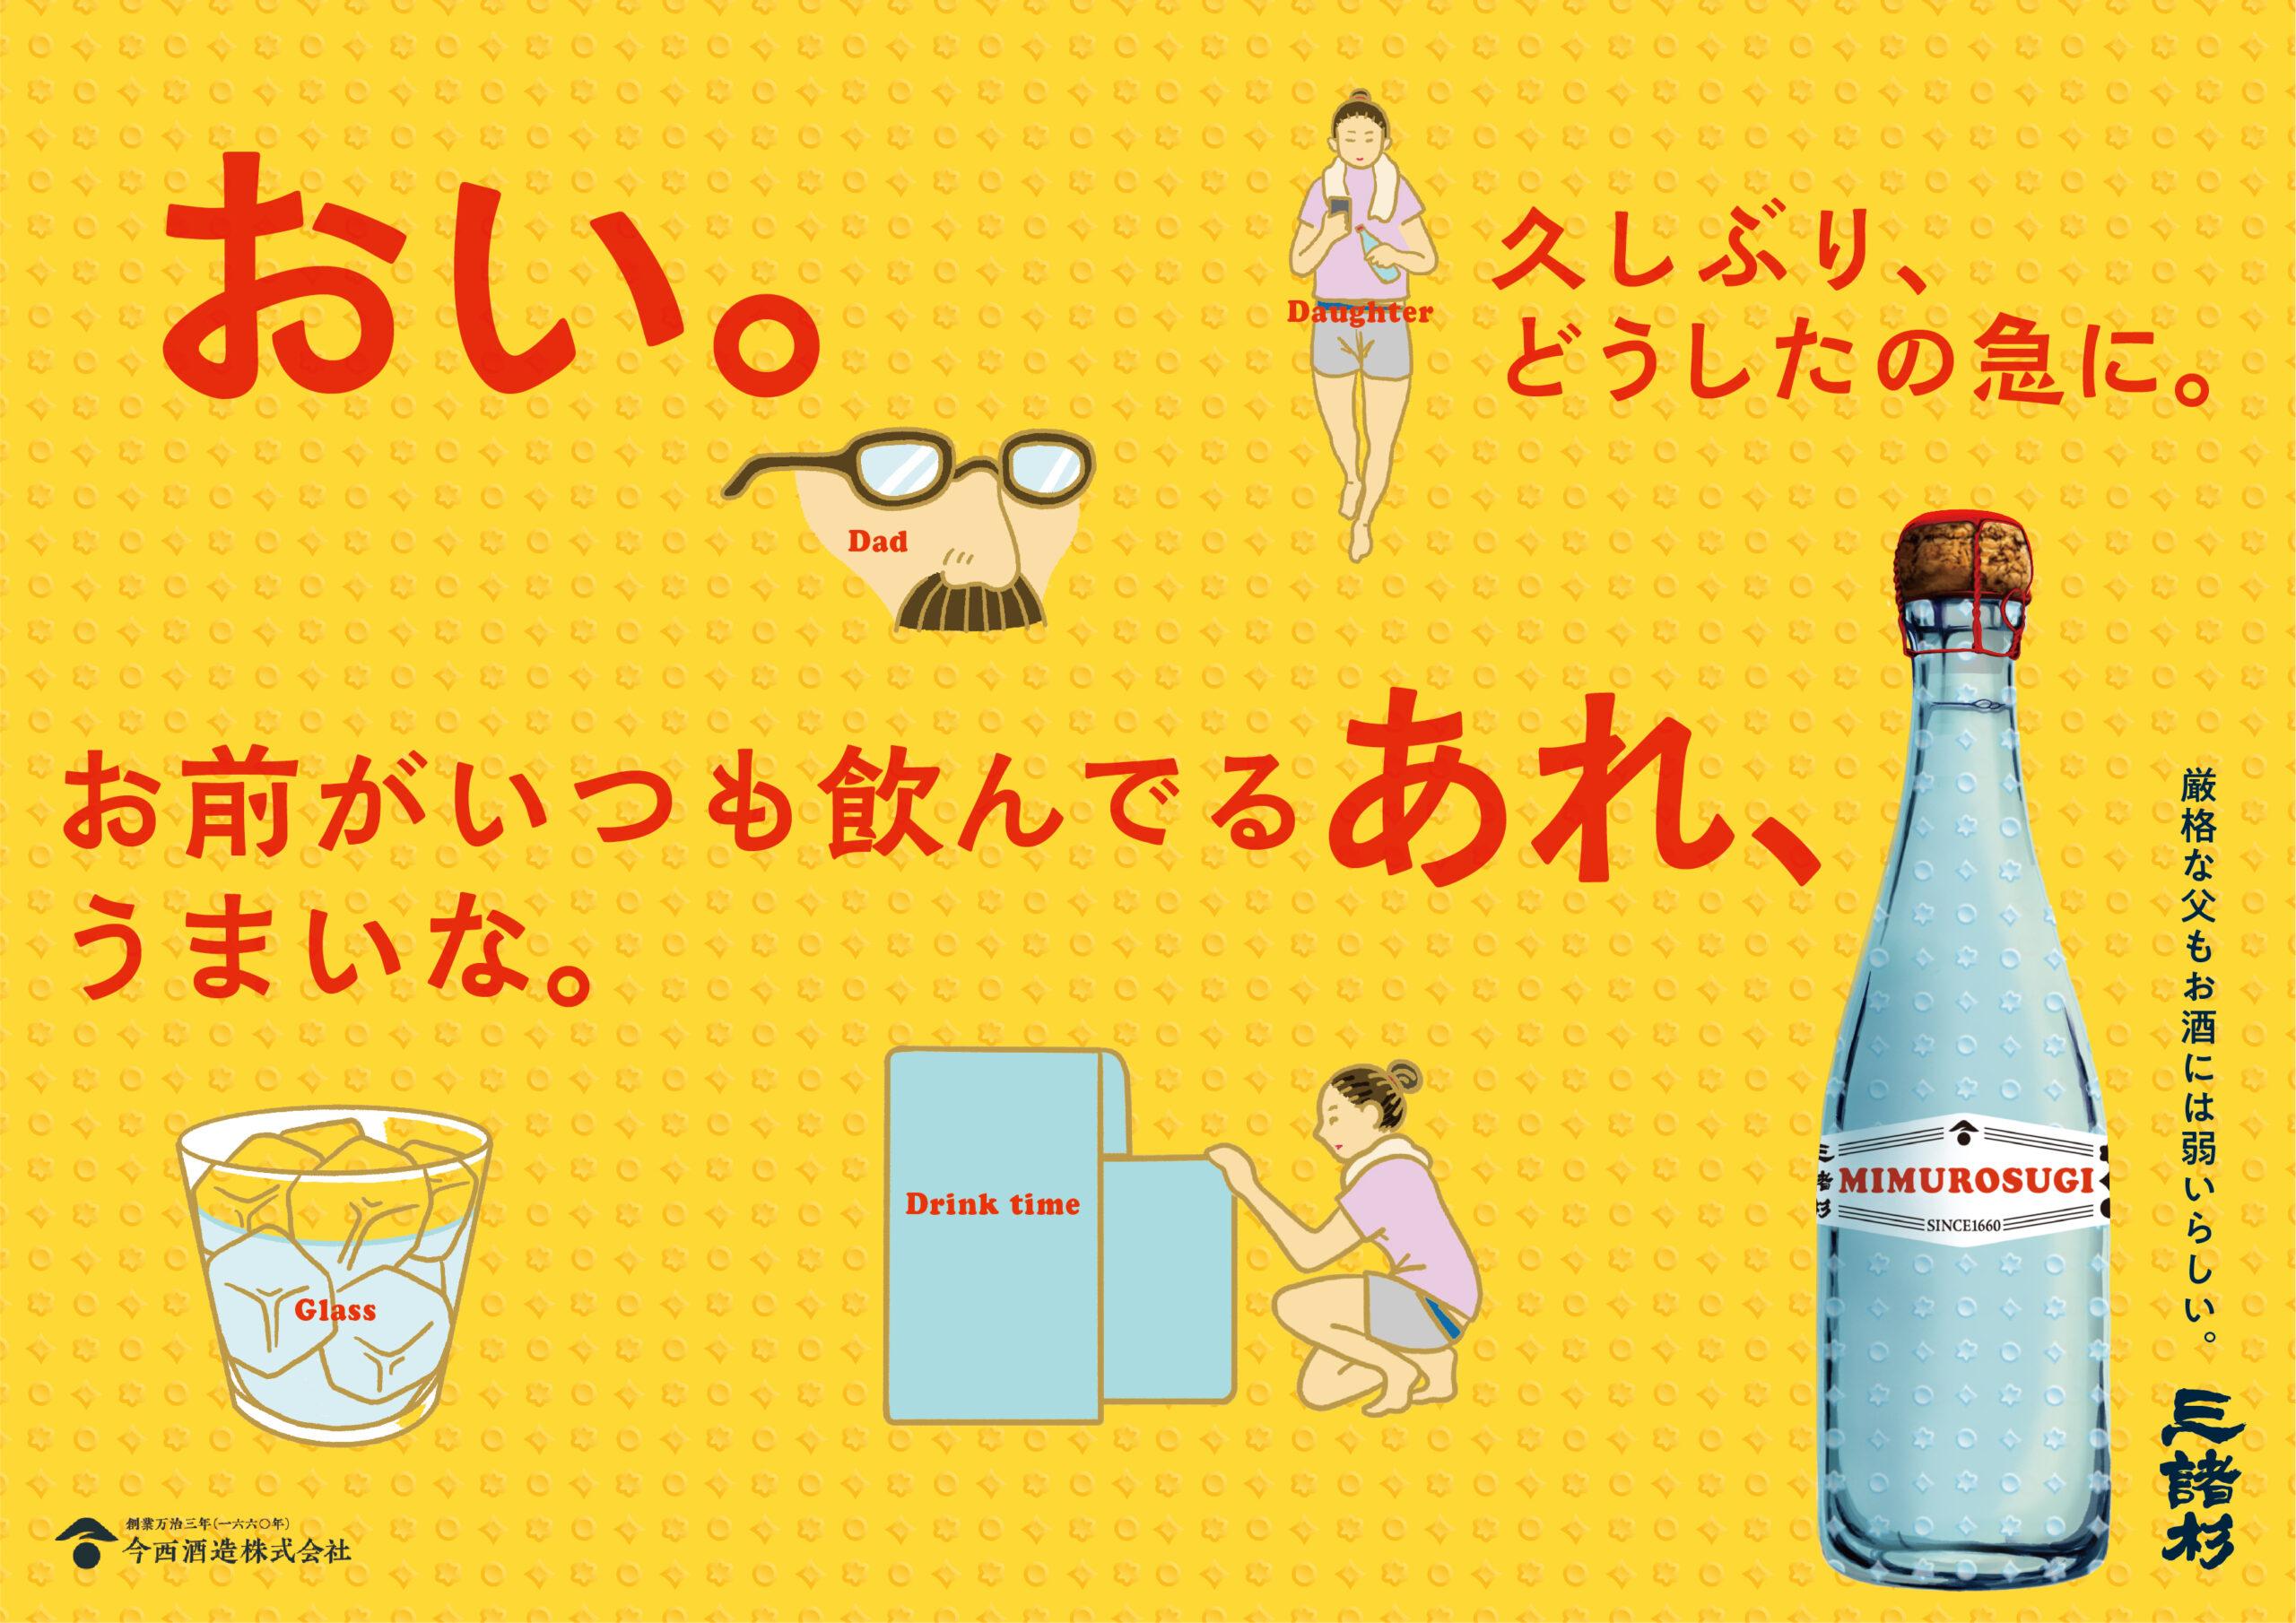 日本酒-三諸杉-の広告作ってみた(アイコン編)